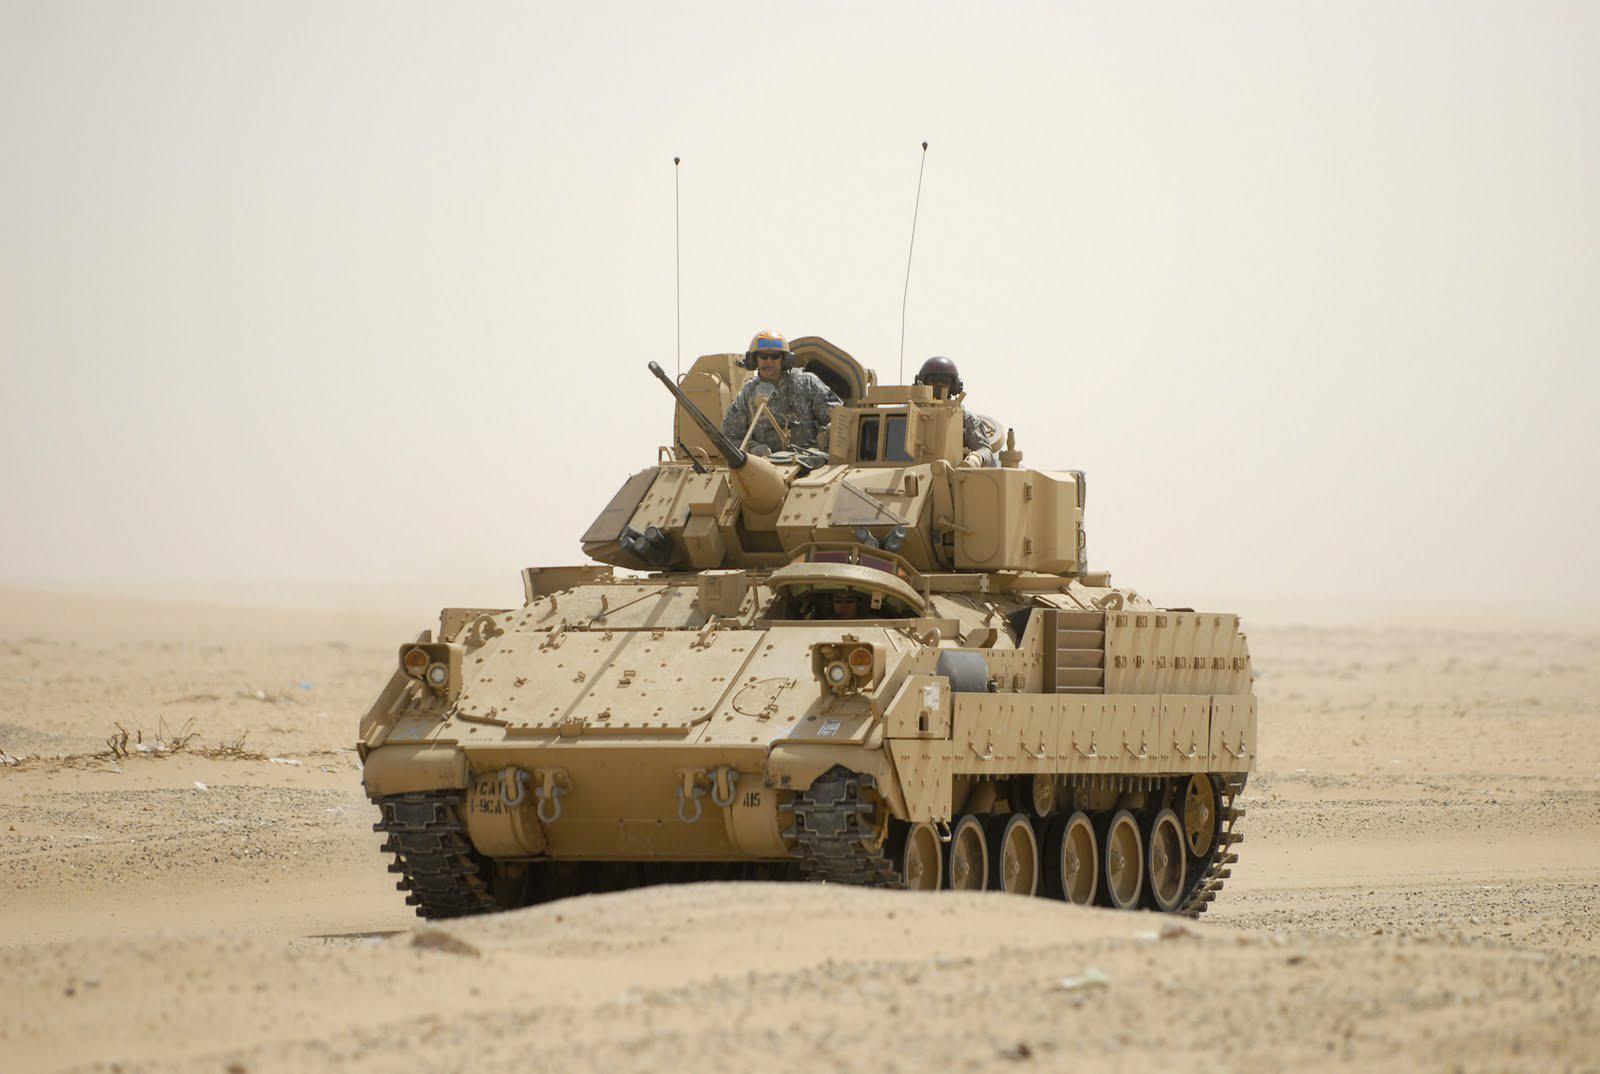 这款国产小车不到2吨重,火力却超过北约步战车,出口前景乐观